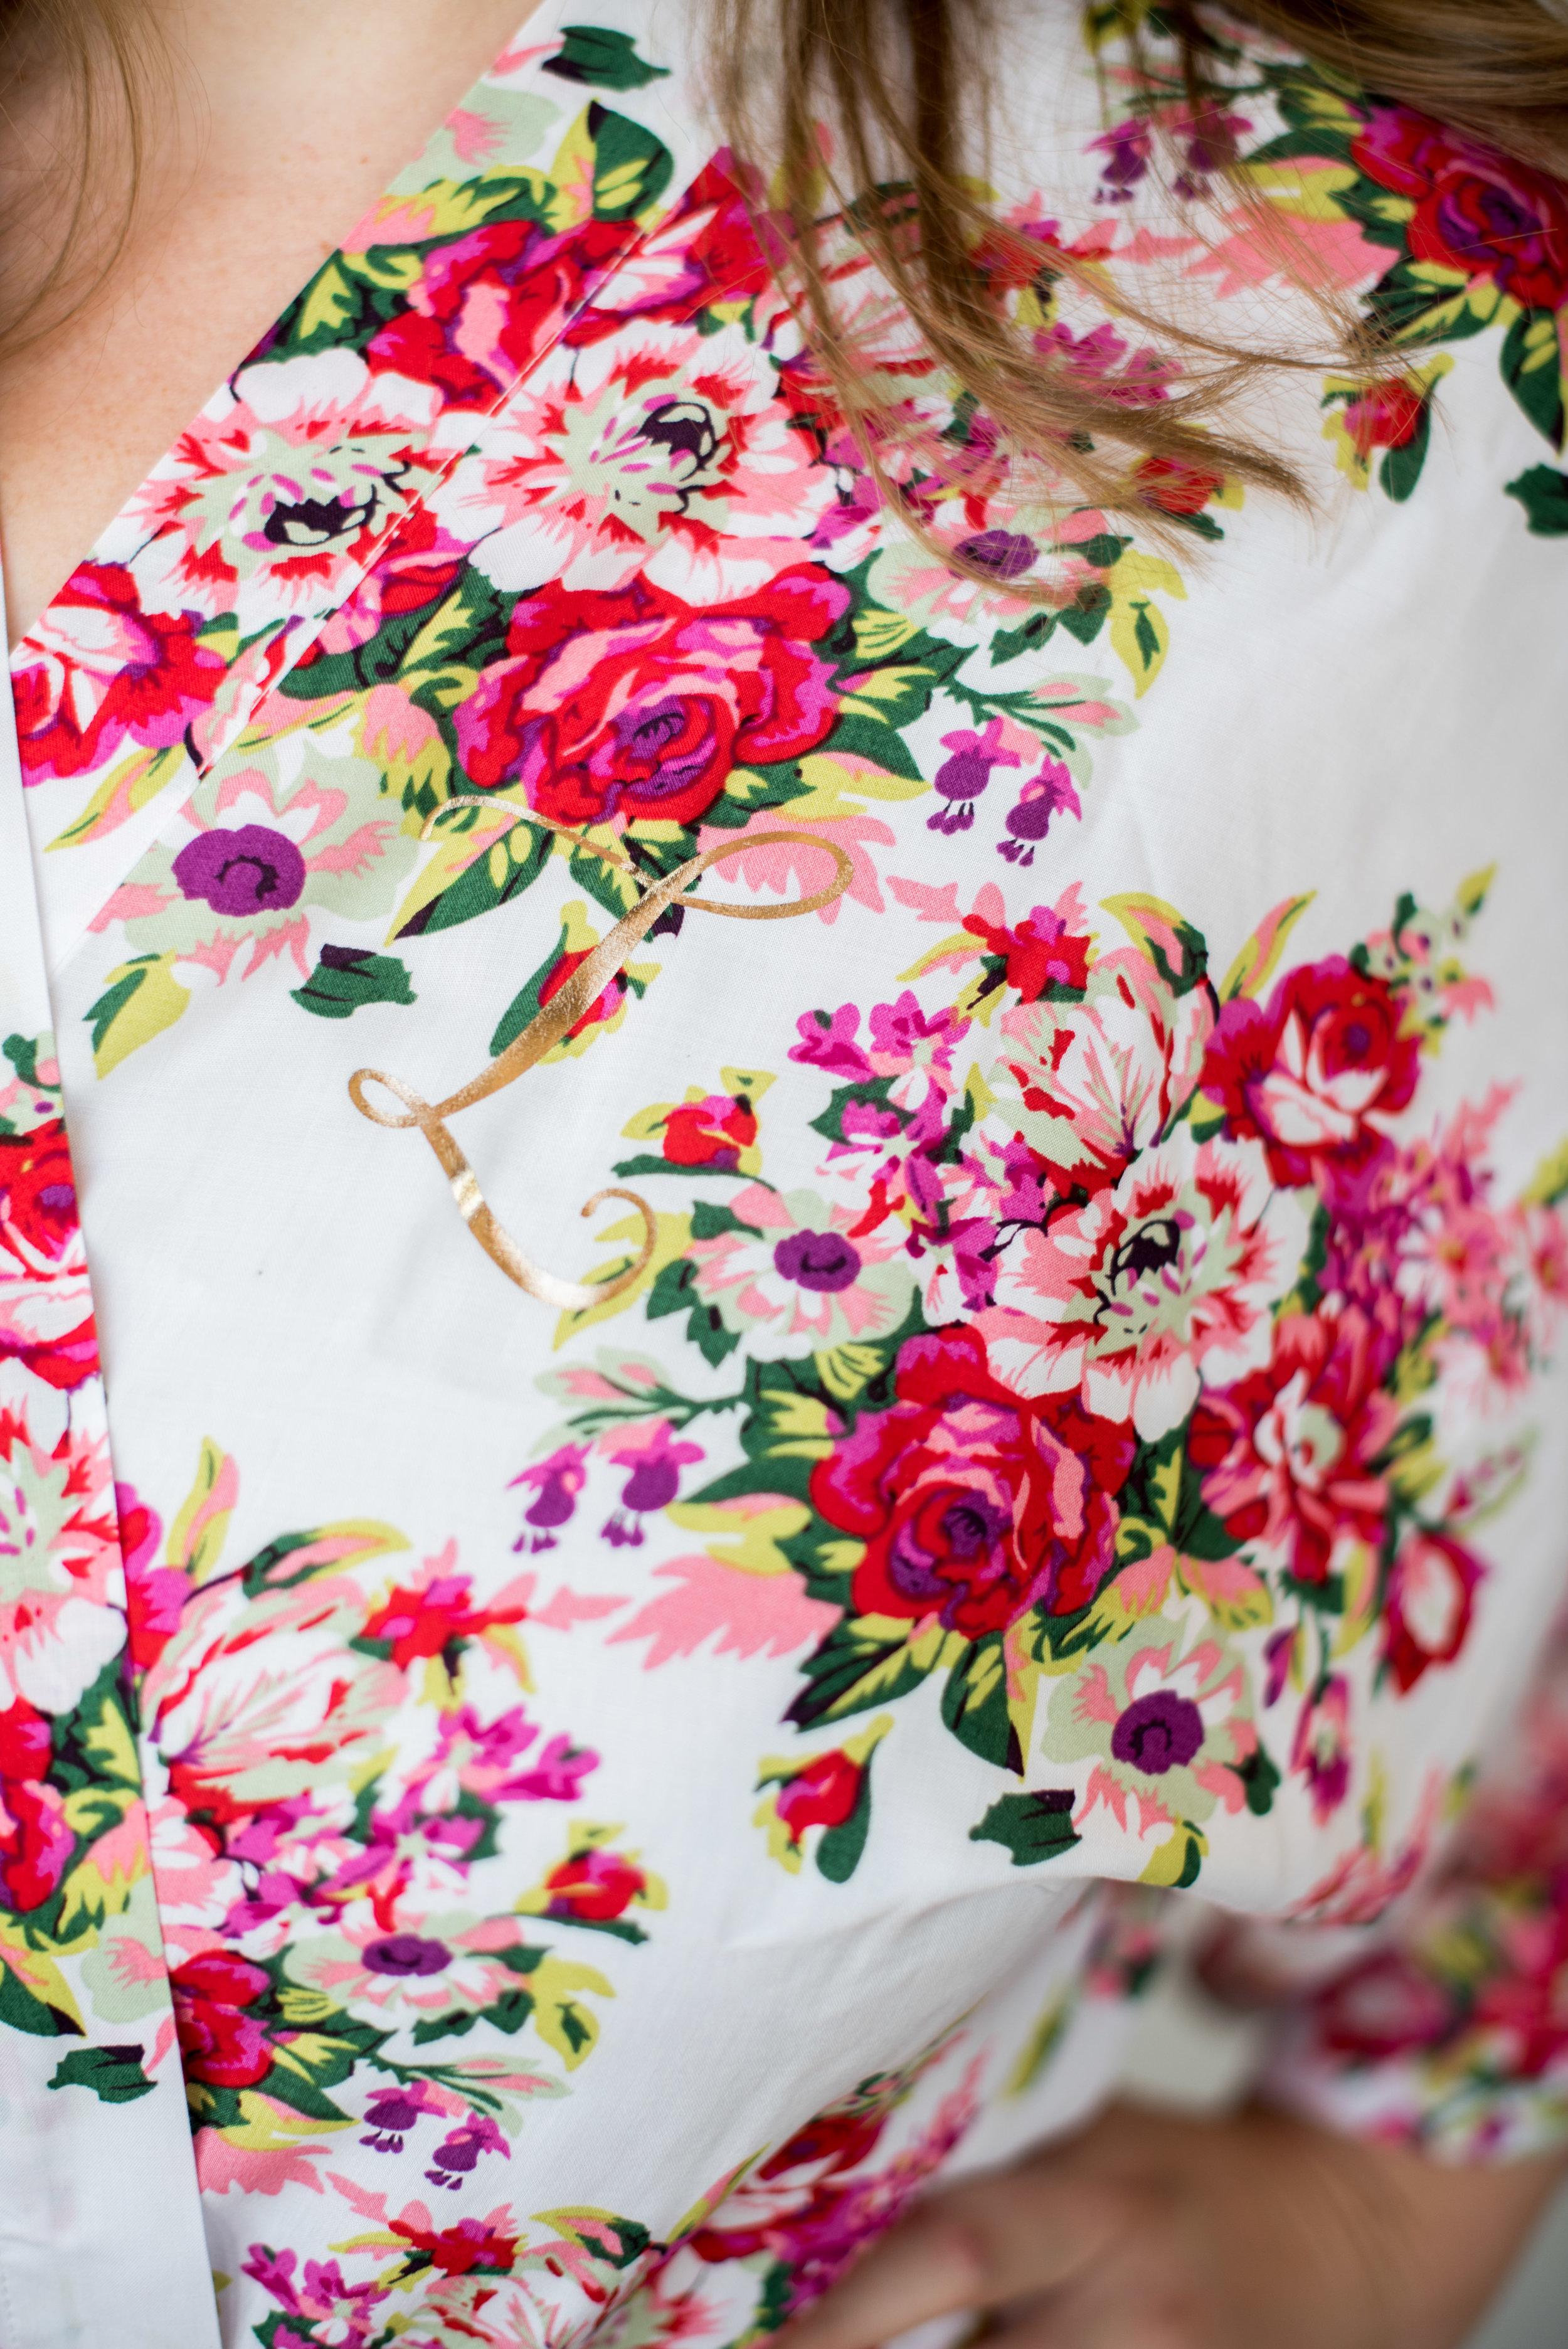 LaurenCheriePhotography_0-7.jpg